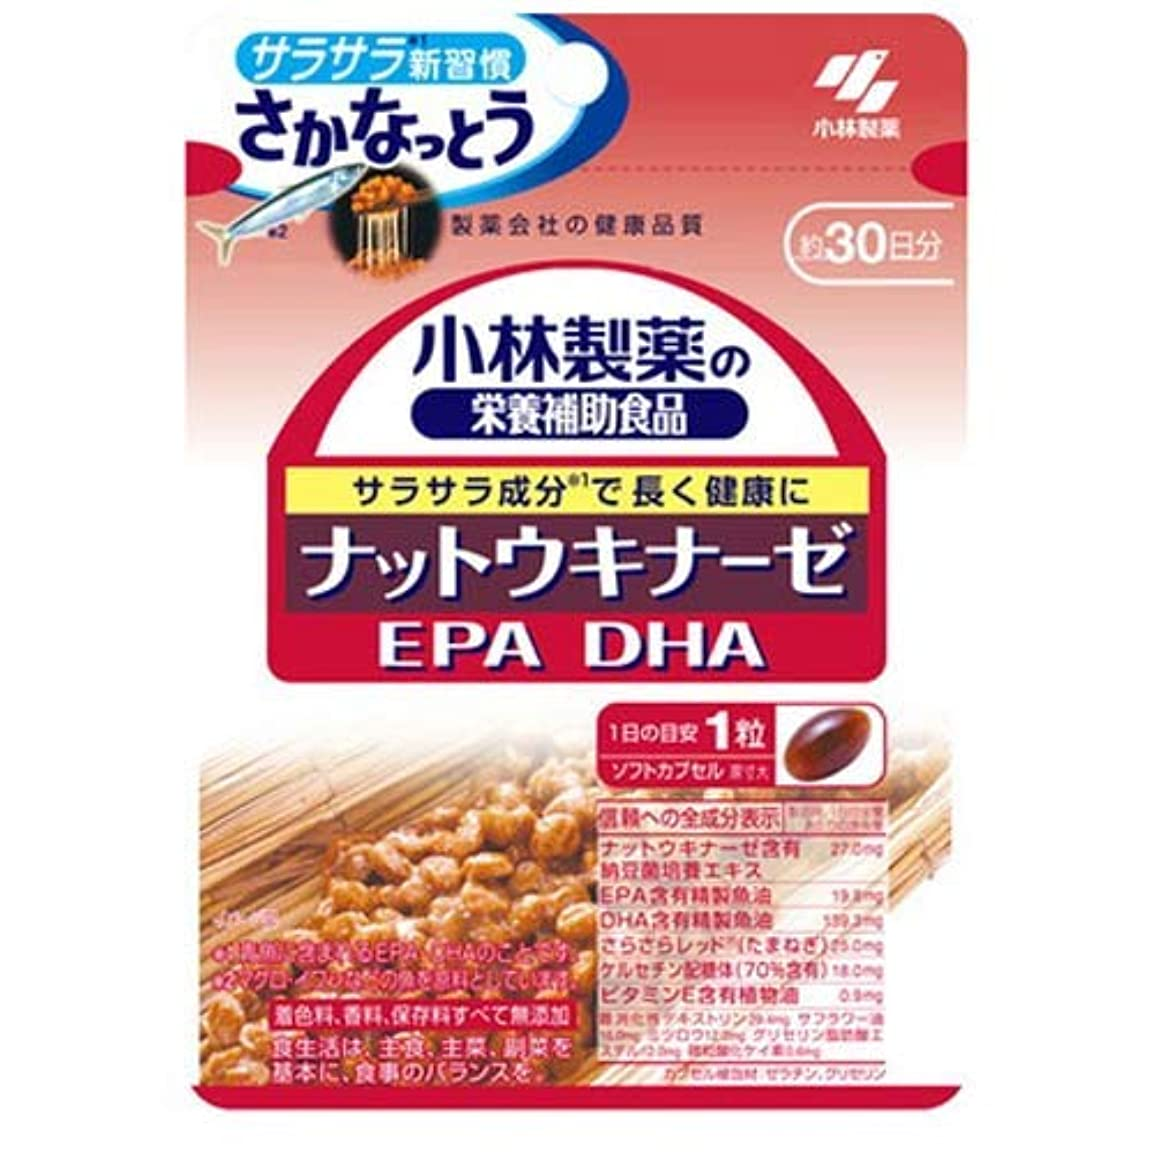 実行する強化する故障小林製薬 ナットウキナーゼ EPA/DHA 30粒 [メール便対応商品]